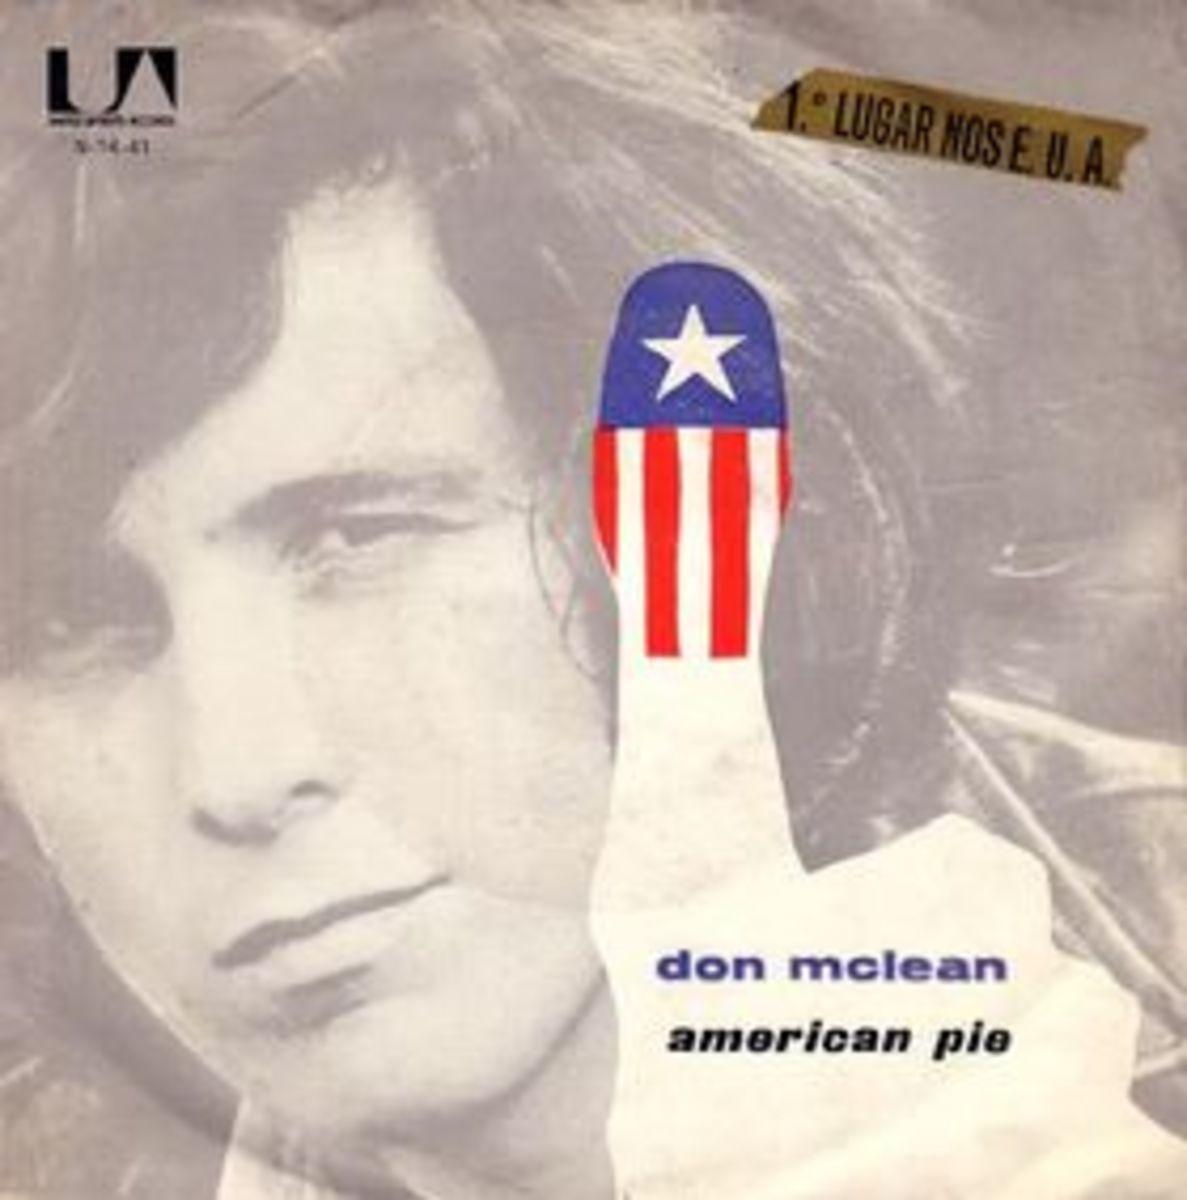 Don_McLean_-_American_Pie